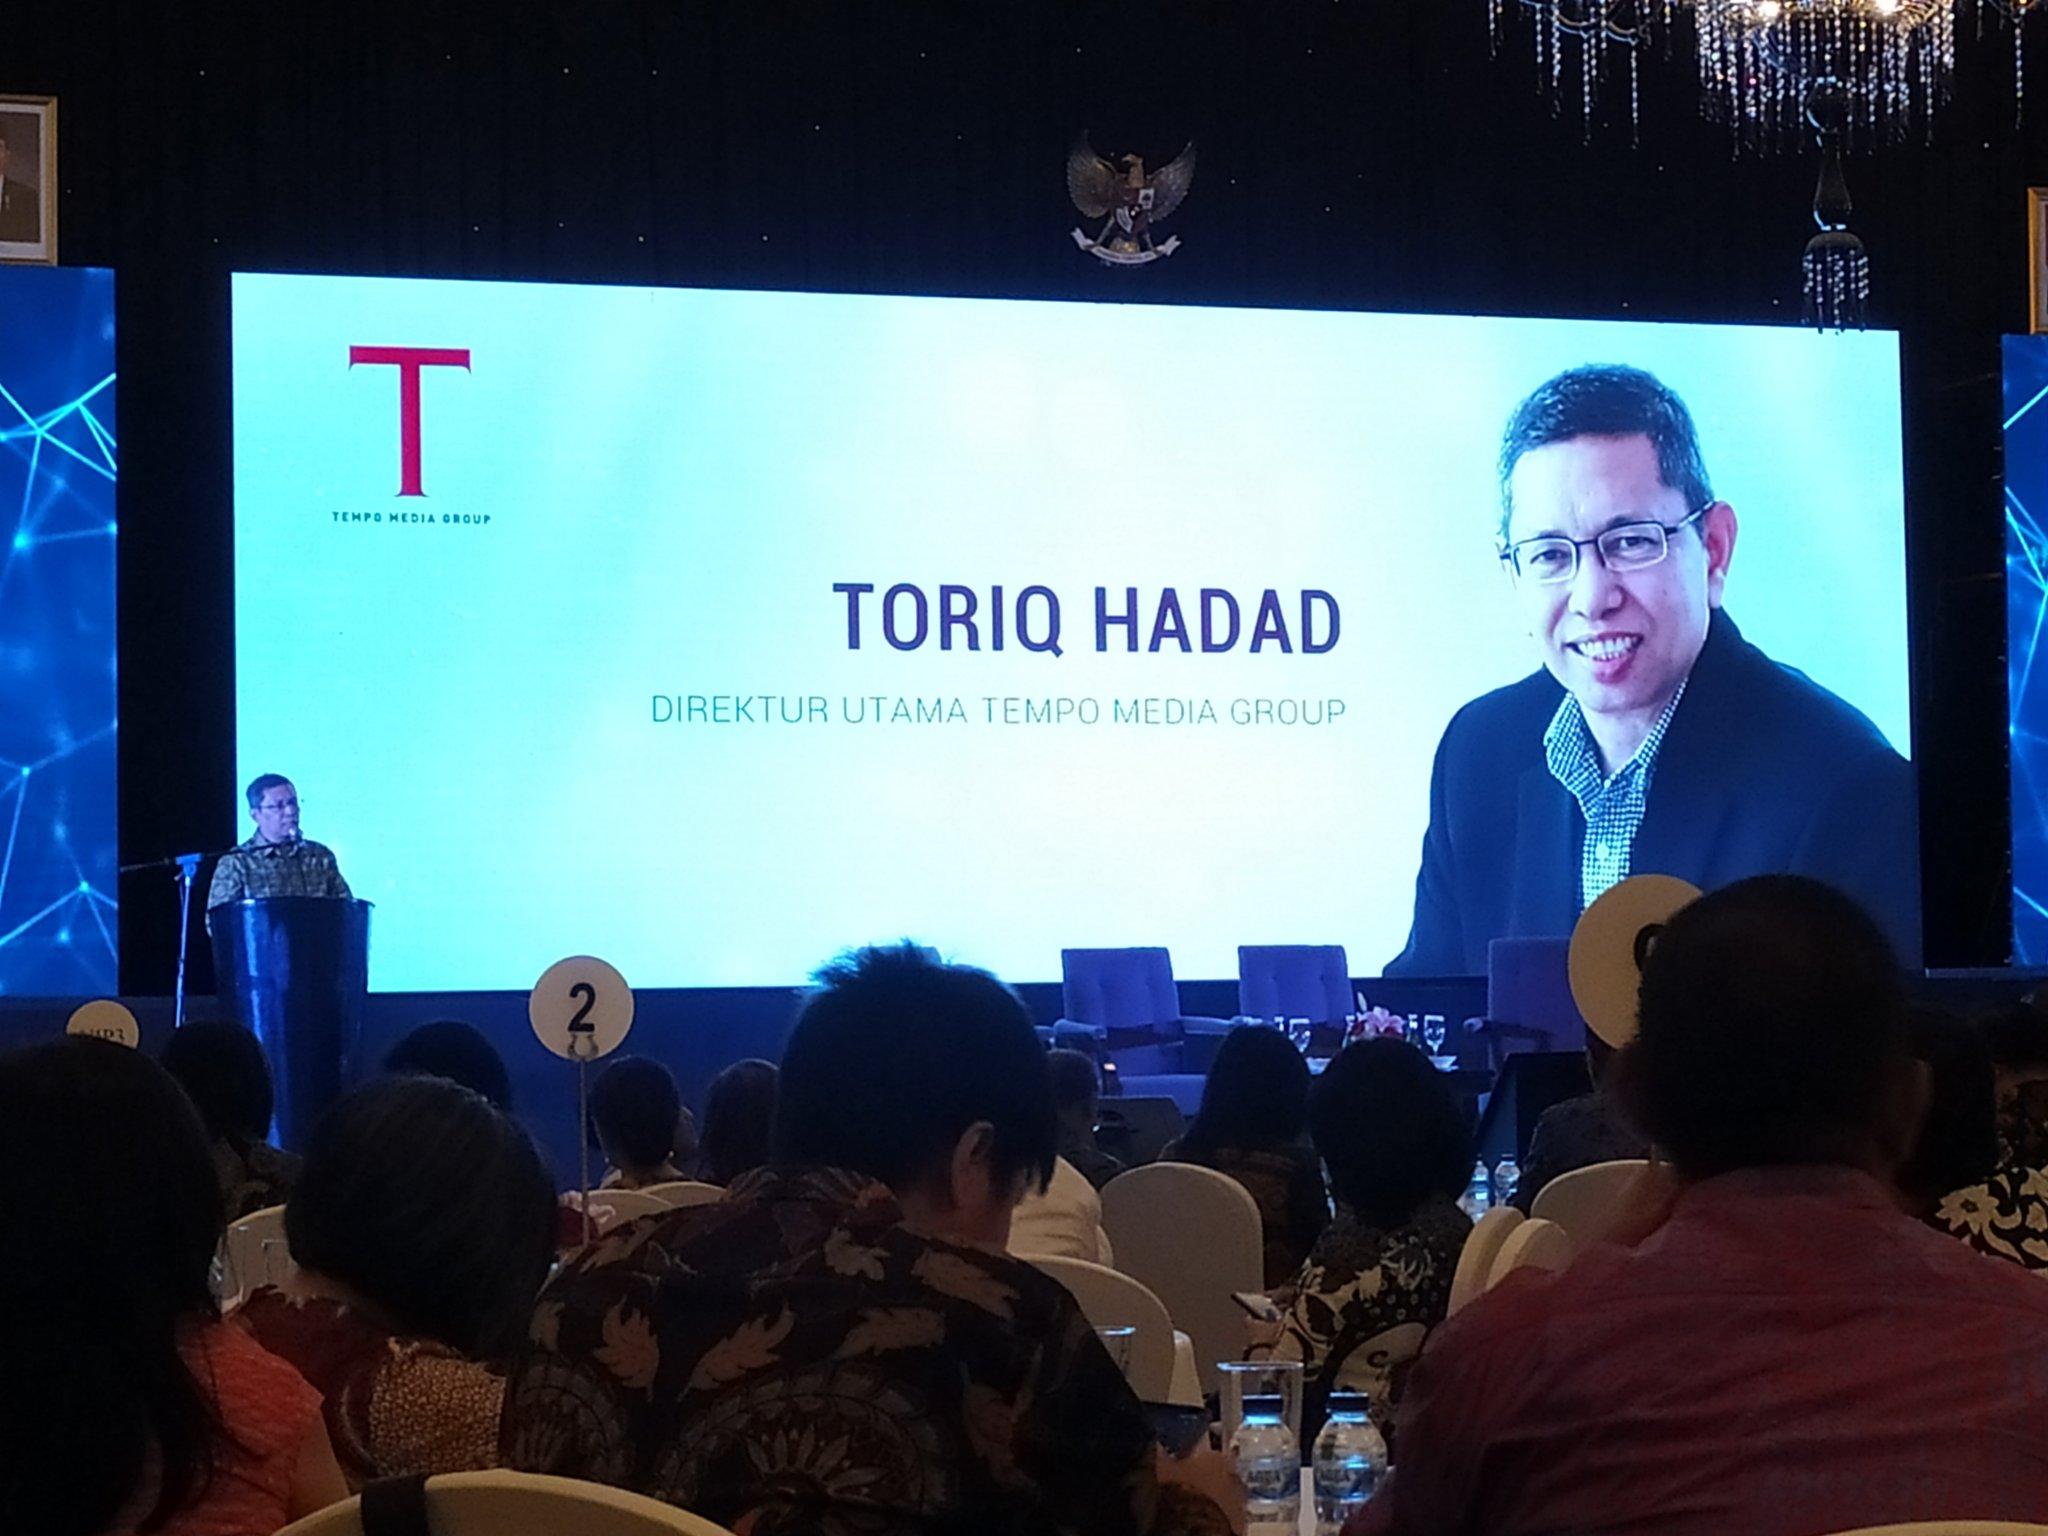 Toriq Hadad, Direktur Utama Tempo Media Grup